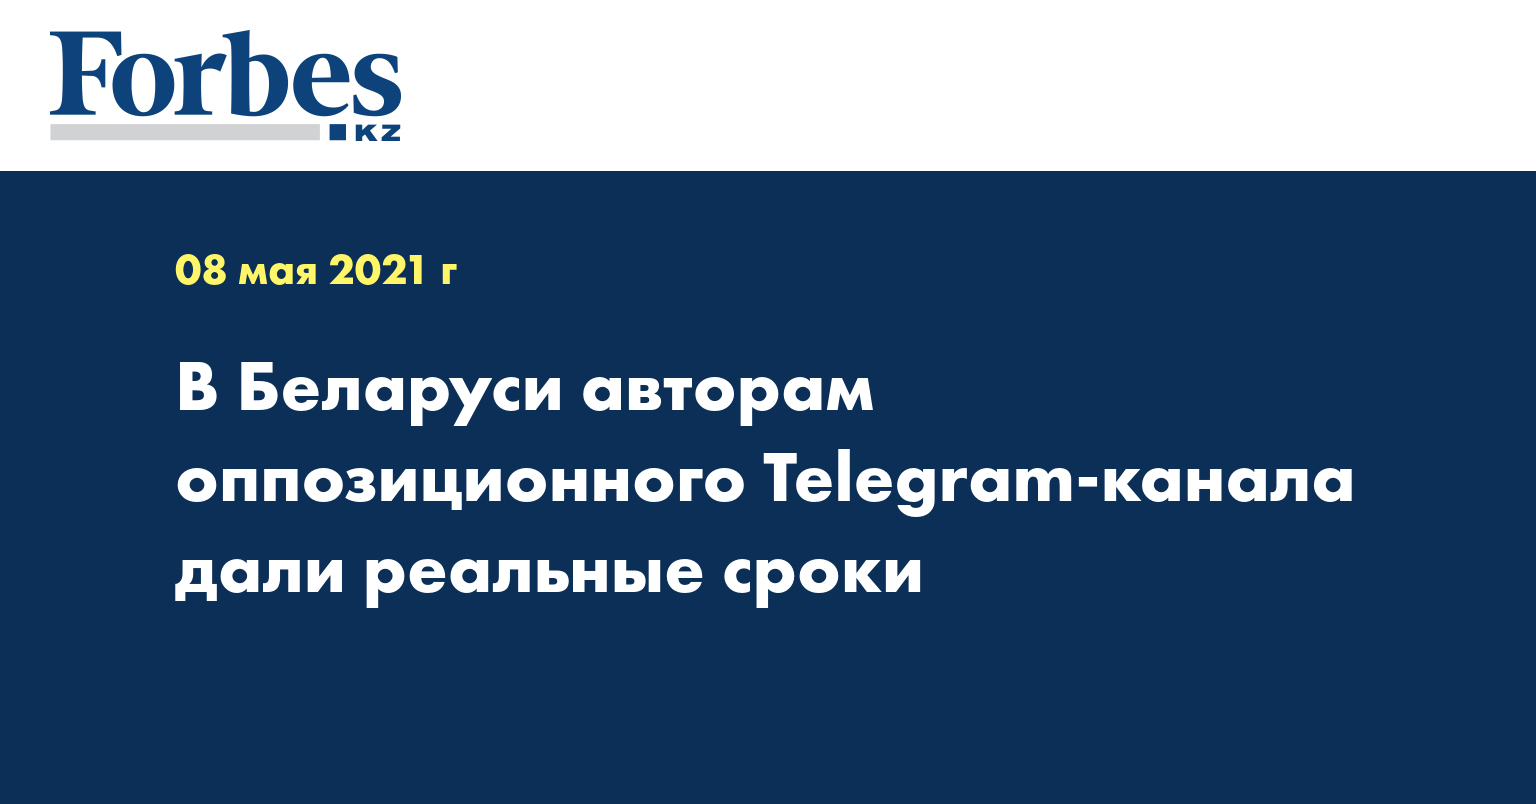 В Беларуси авторам оппозиционного Telegram-канала дали реальные сроки